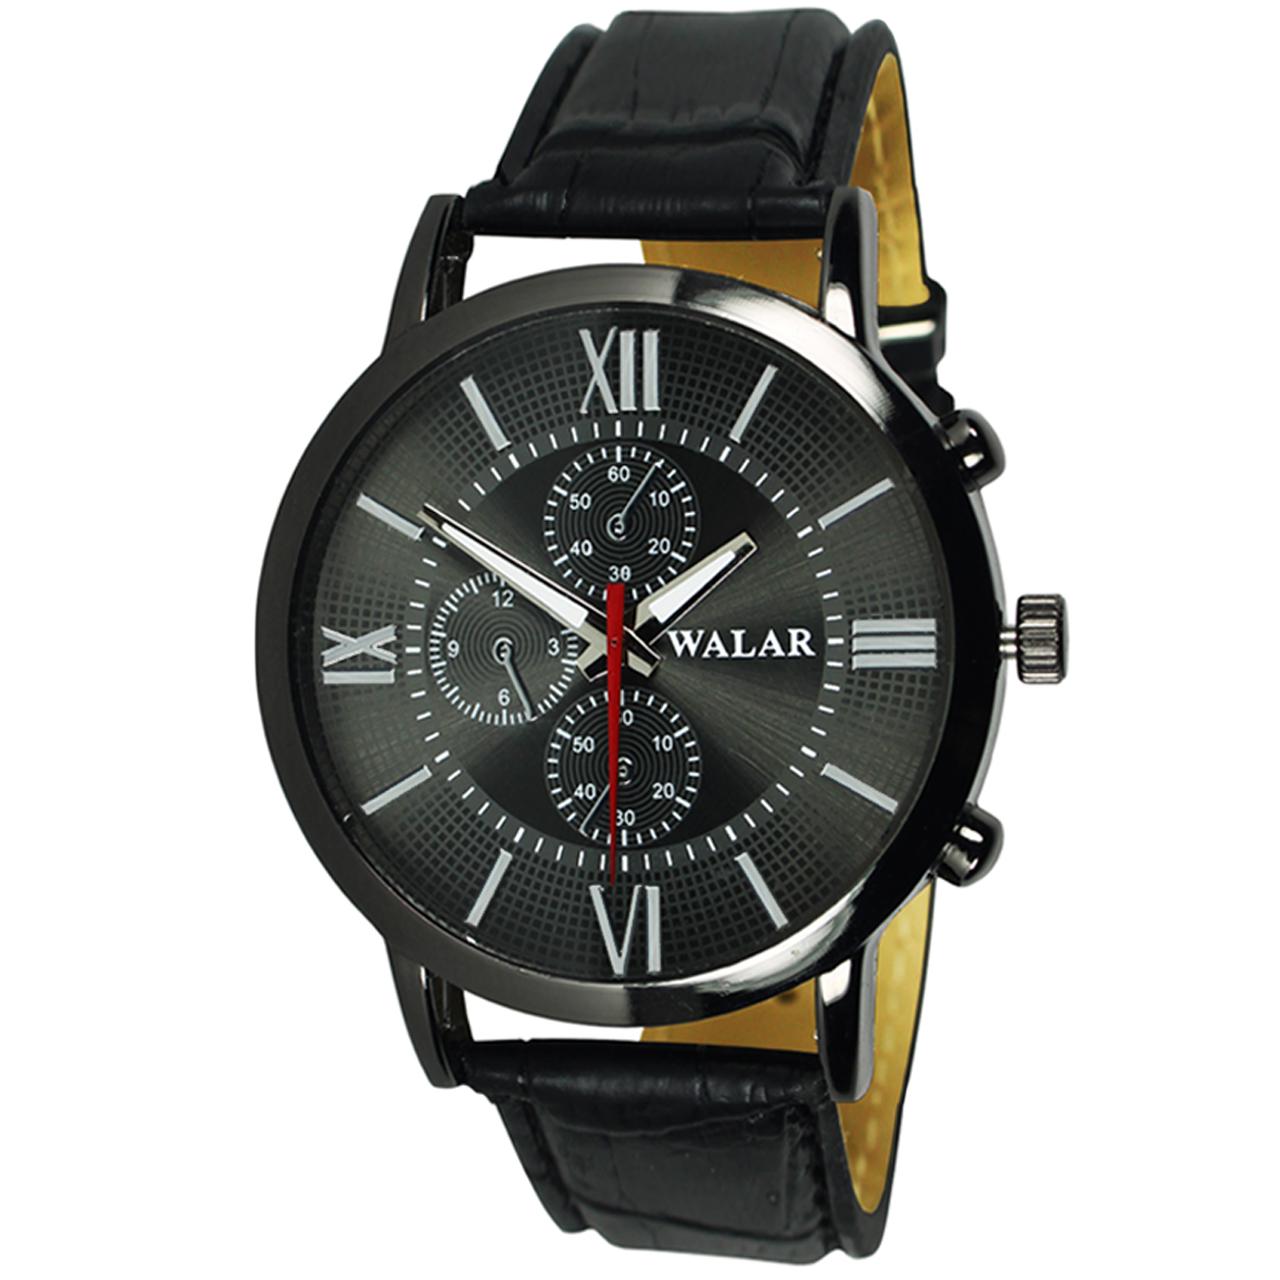 ساعت مچی عقربه ای زنانه والار مدل Wal-bll-01 12